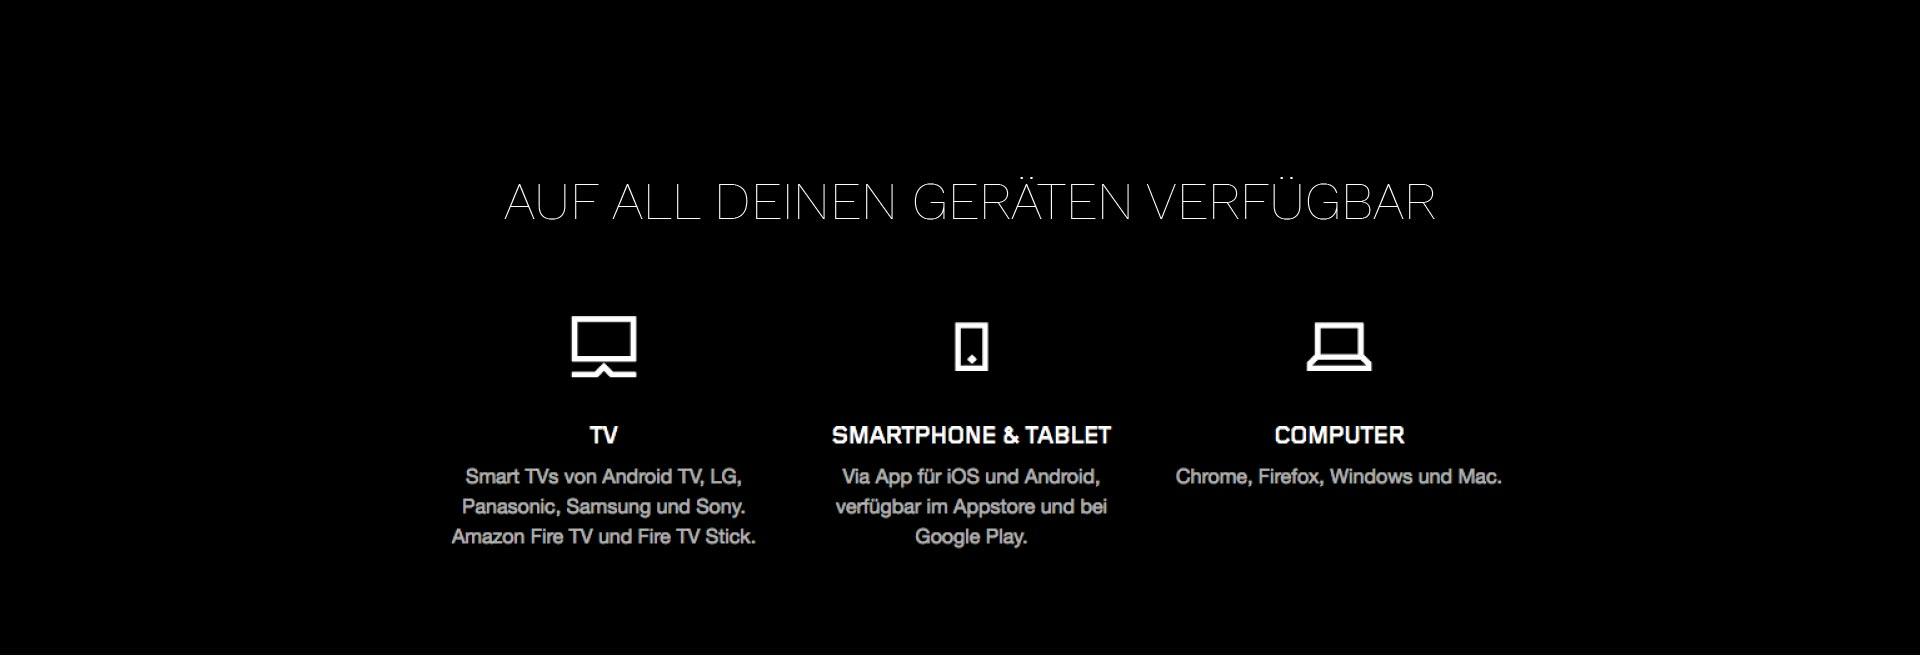 auf Handy Tablet DEsktop erreichbar